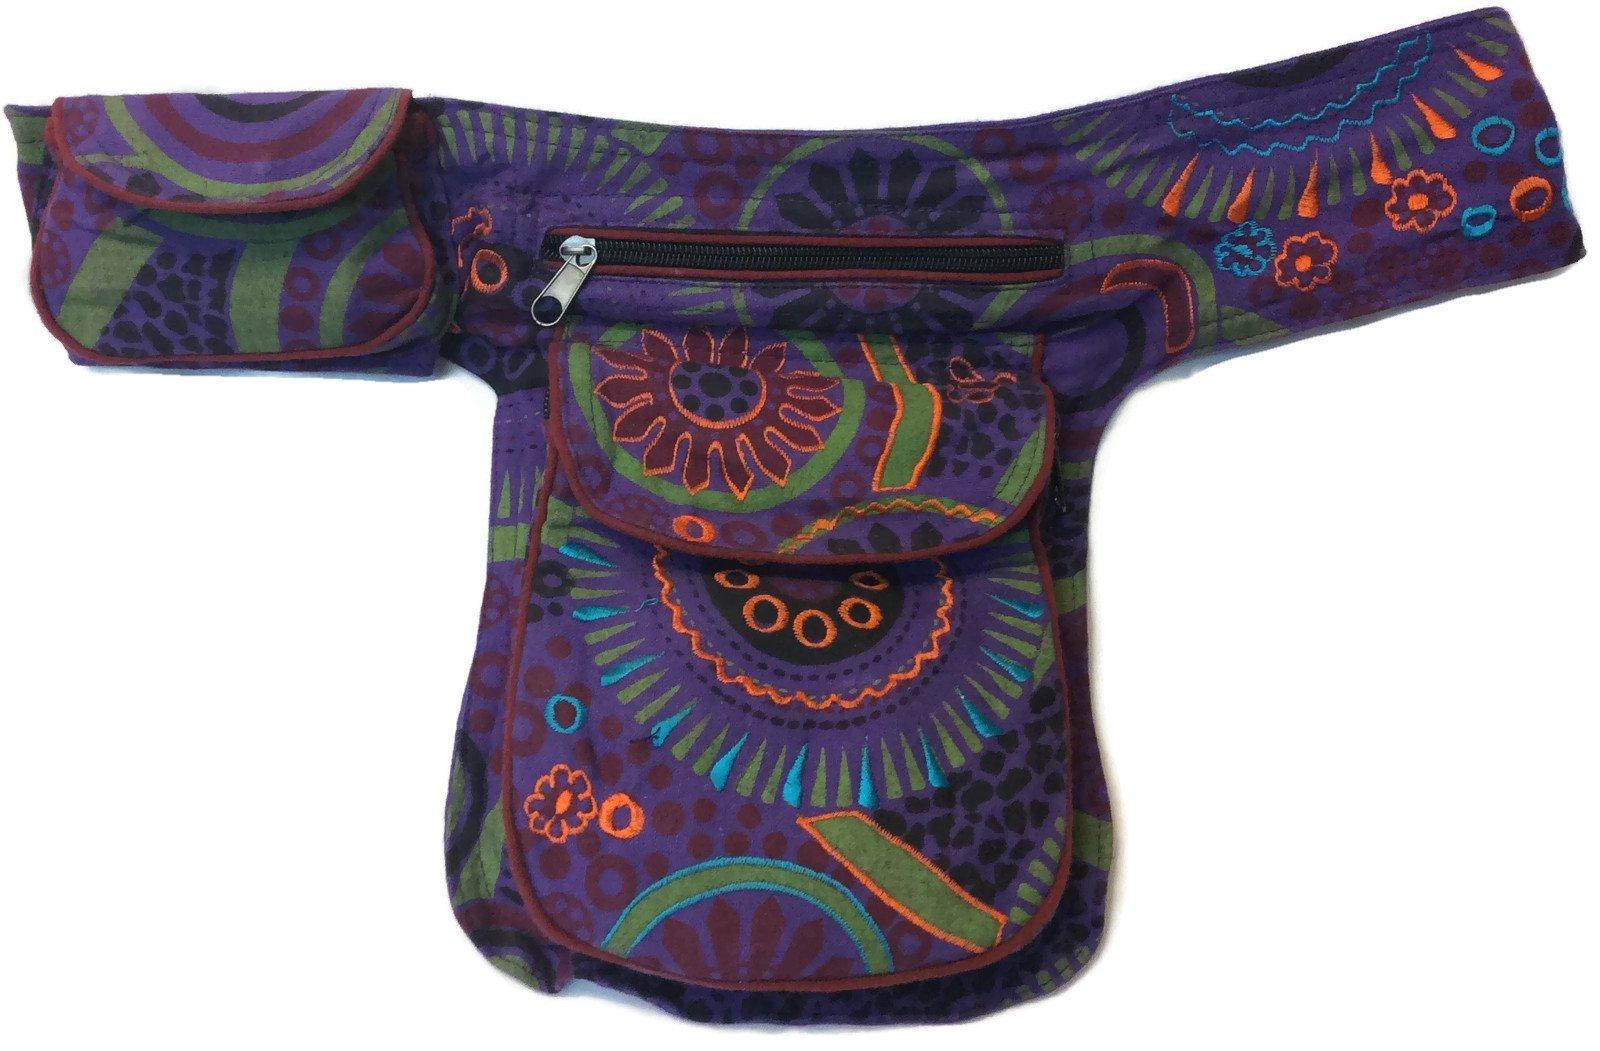 Boho Fanny Waist Pack Money Belt Purple Multi-Color Hip Bag Travel Bum Drop Leg Pouch Cotton NEPAL